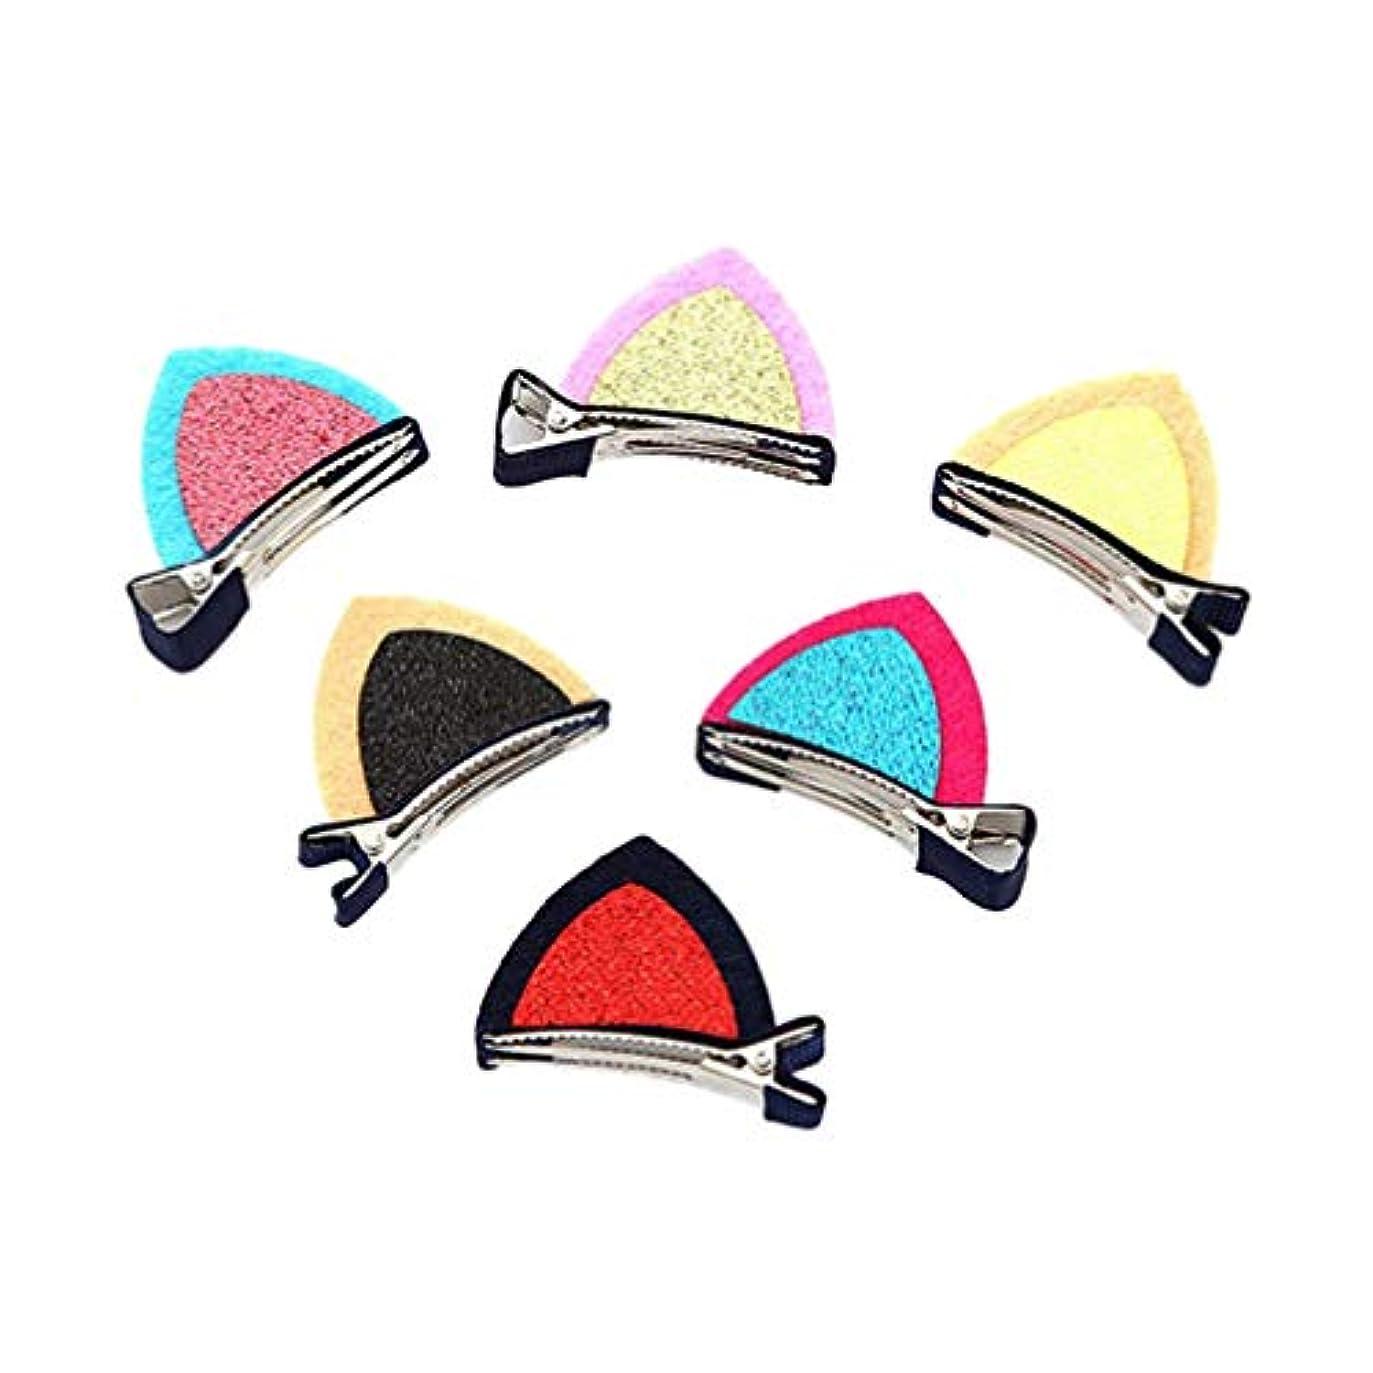 に慣れ管理しますジャンクLurrose キラキラキラキラ猫耳ヘアクリップ動物のヘアピンキラキラバレットスパンコールヘアクラスプパーティーヘアアクセサリー18ピース(混合色)